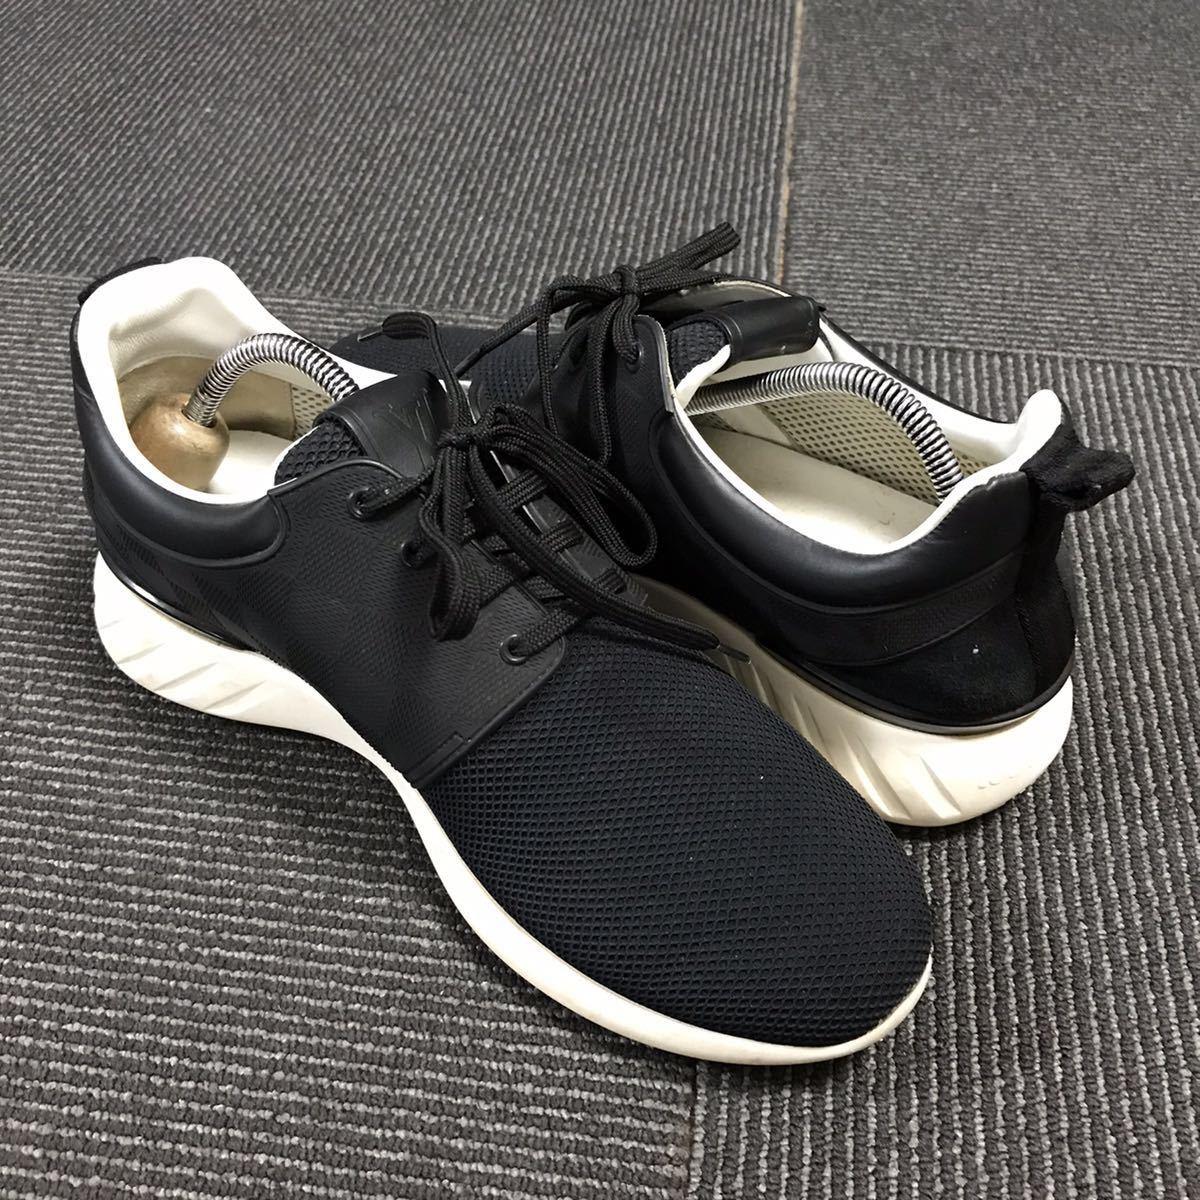 【ルイヴィトン】本物 LOUIS VUITTON 靴 25.5cm 黒 ダミエライン ファストレーン スニーカー カジュアルシューズ レザー×PVC メンズ 6 1/2_画像6